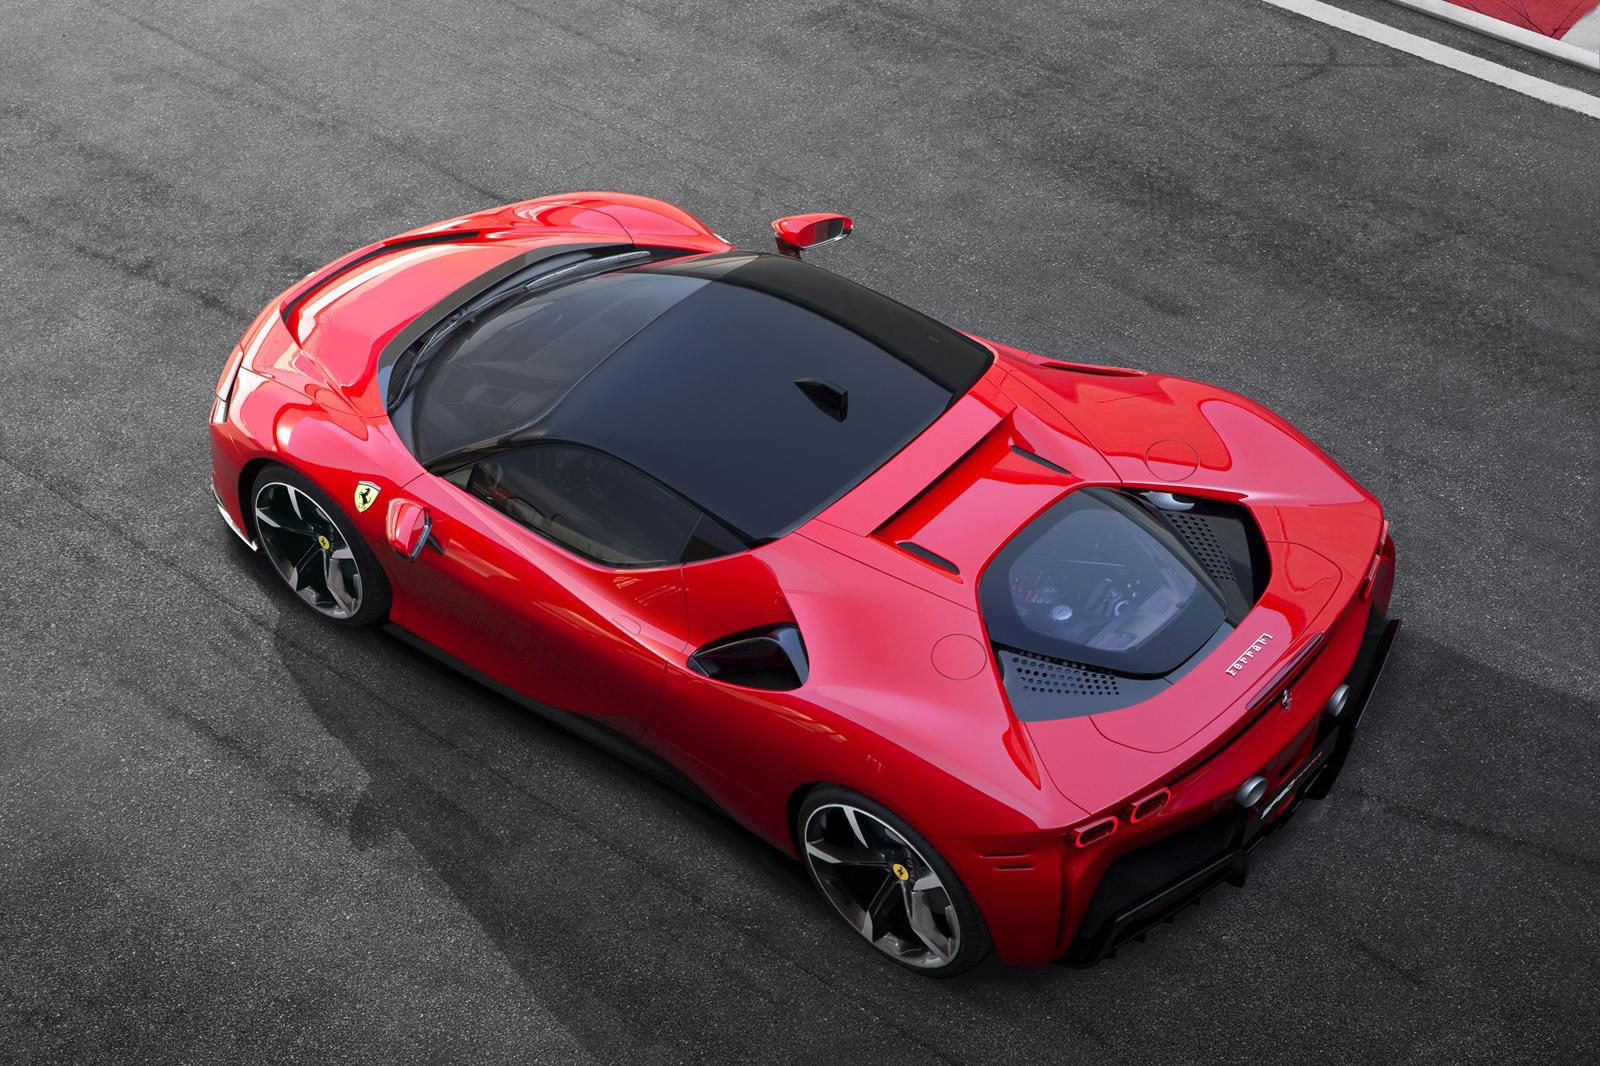 В заявлении Ferrari о назначении Виньи говорится: «Его уникальные знания, полученные за 26 лет работы в самом сердце полупроводниковой промышленности, которая быстро трансформирует автомобильный сектор, ускорит способность Ferrari стать пионером в об